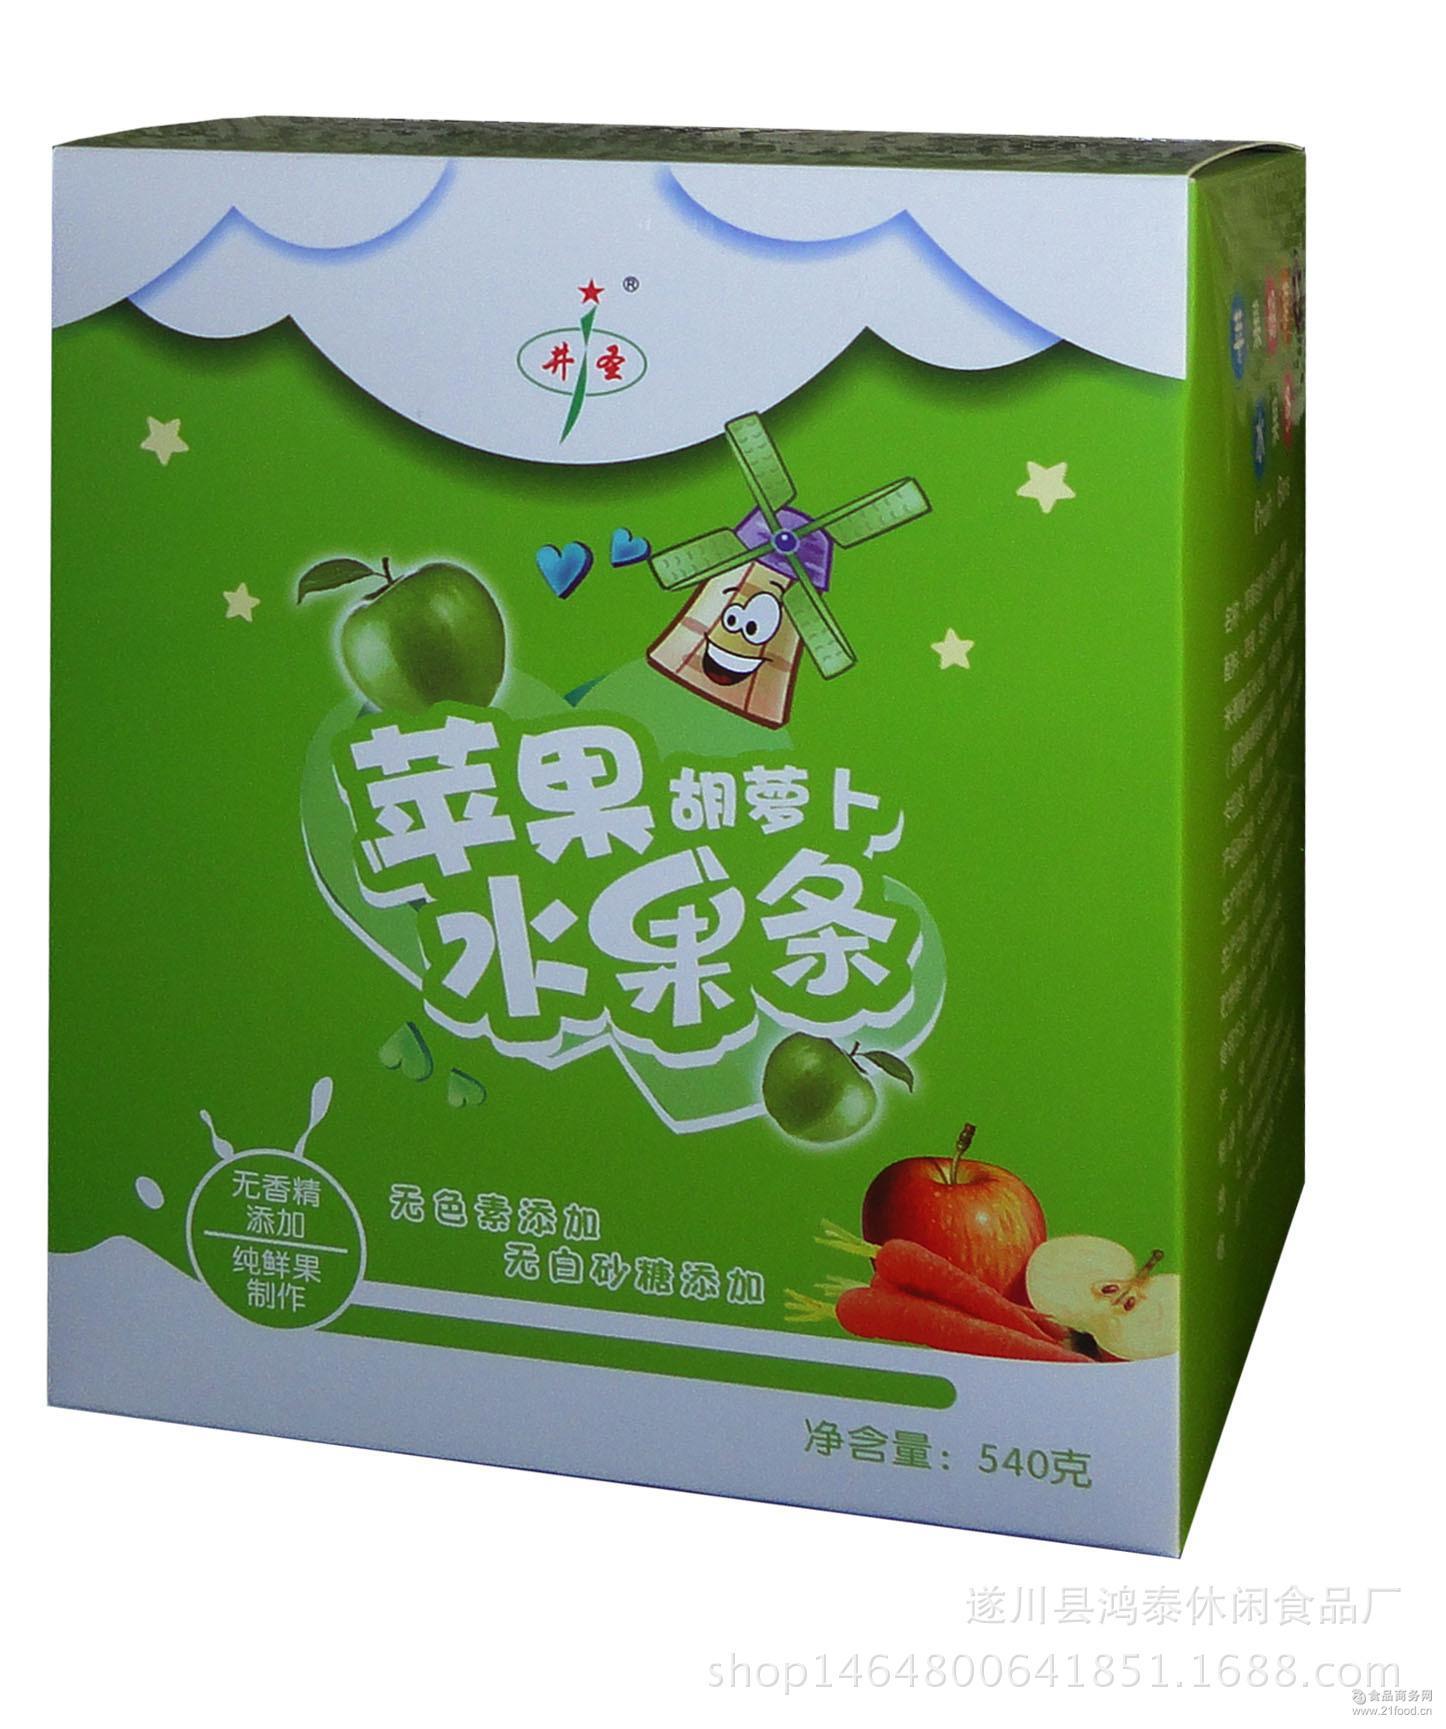 南酸枣糕 水果条系列产品 猕猴桃糕等果糕系列产品 草莓糕